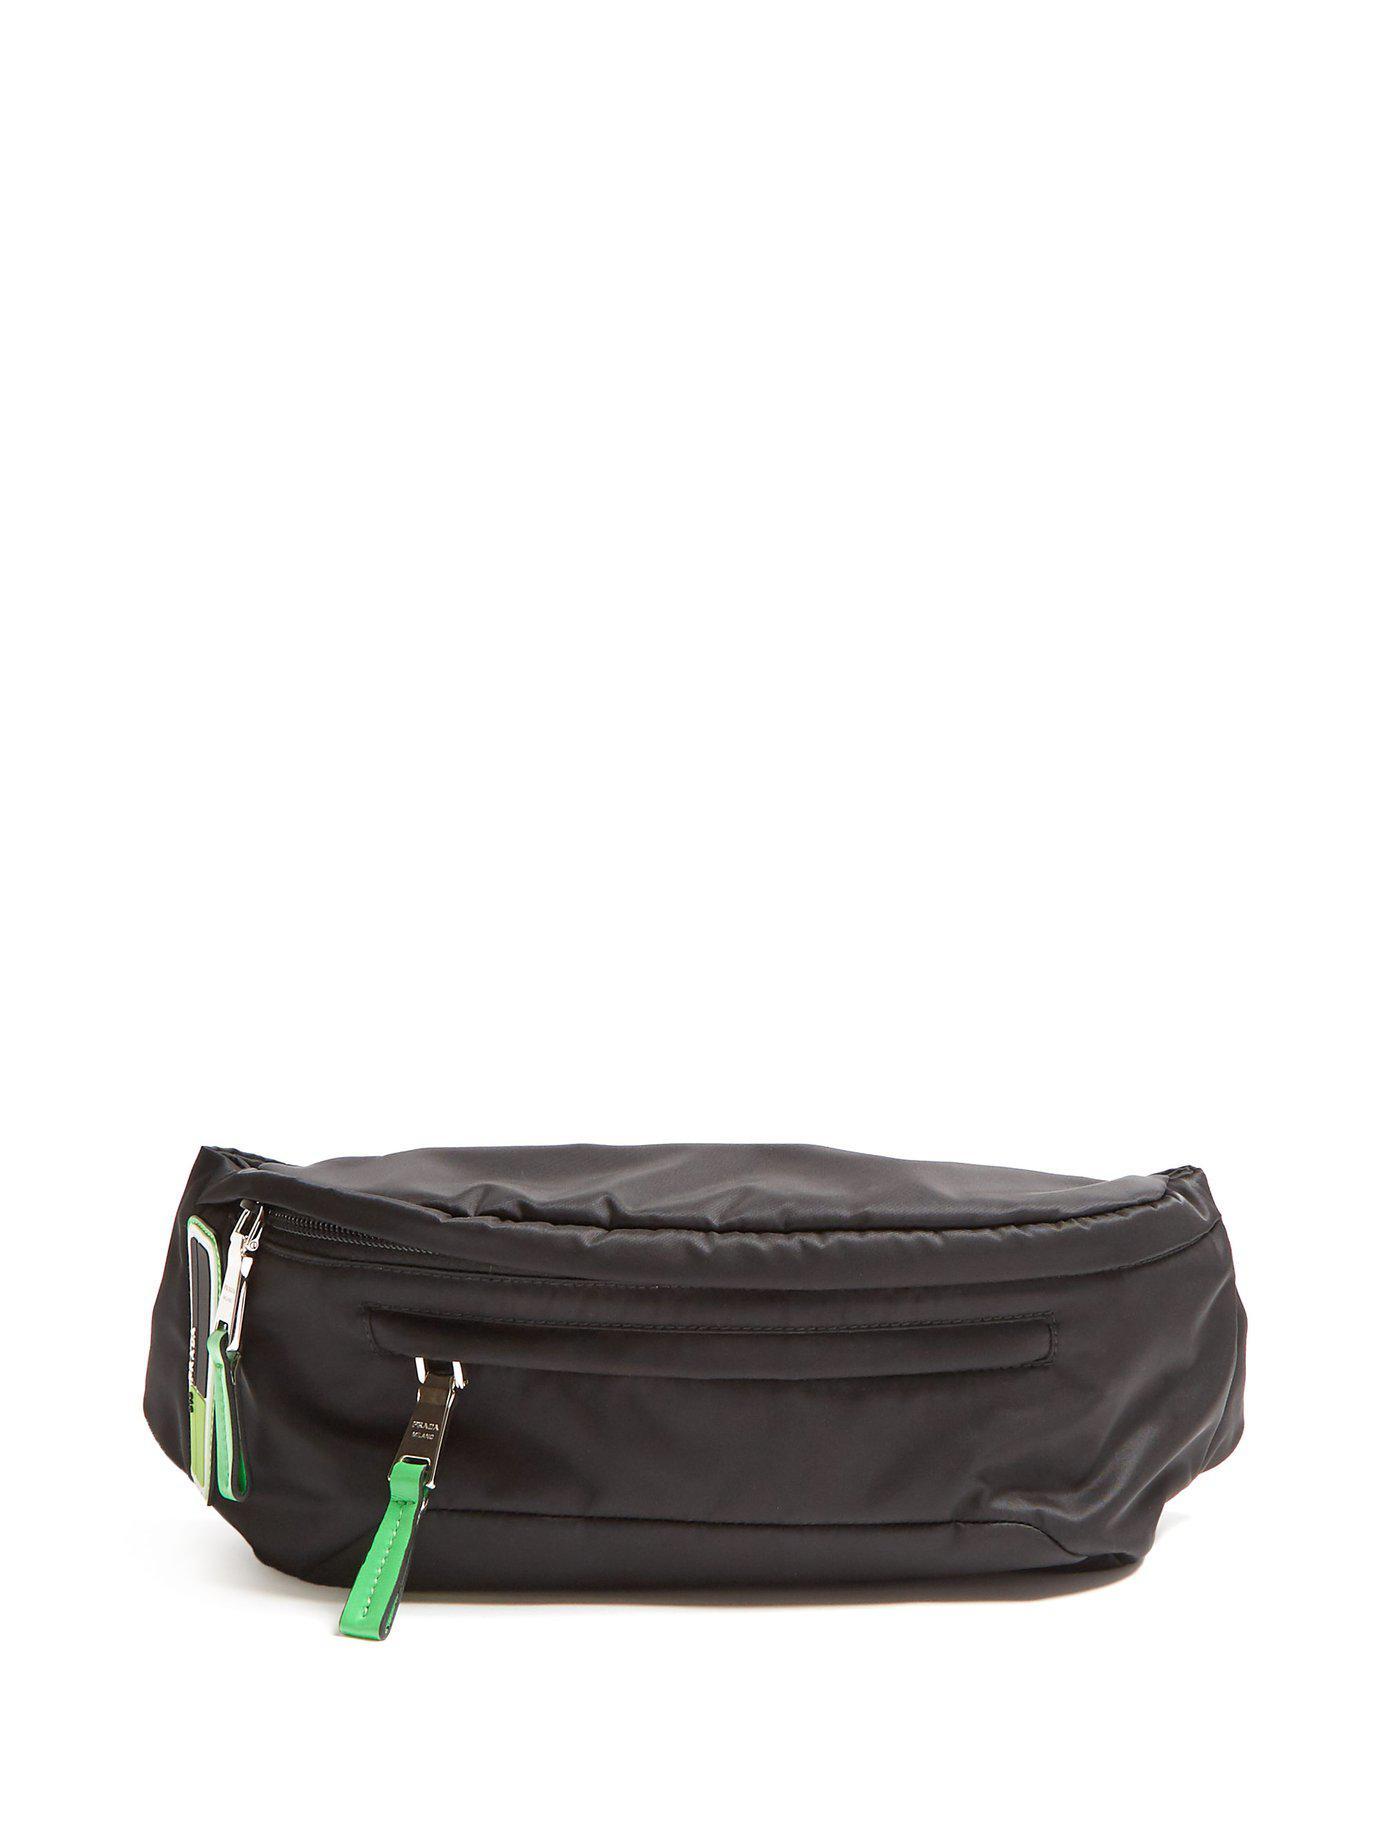 e86d4049519 Lyst - Prada Logo Nylon Belt Bag in Black for Men